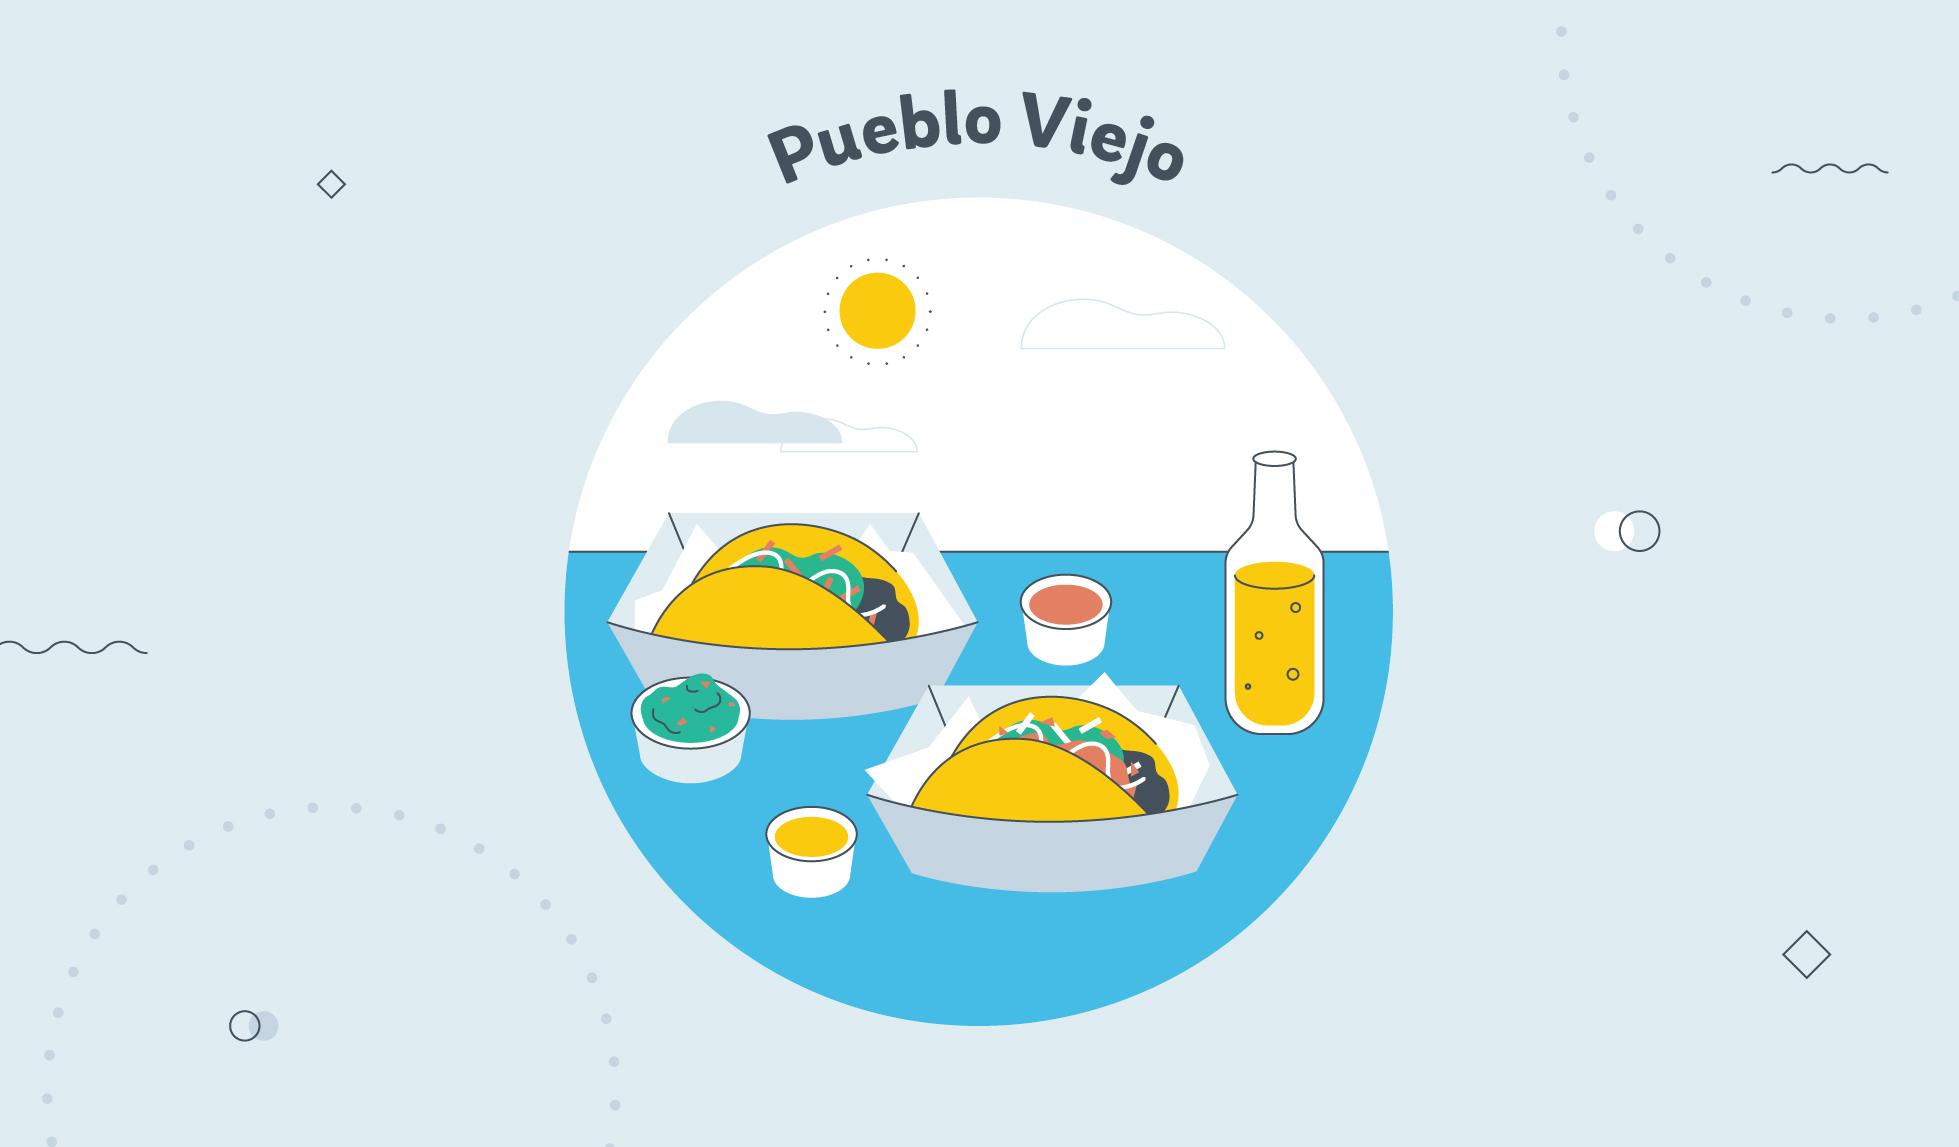 Pueblo Viejo tacos graphic